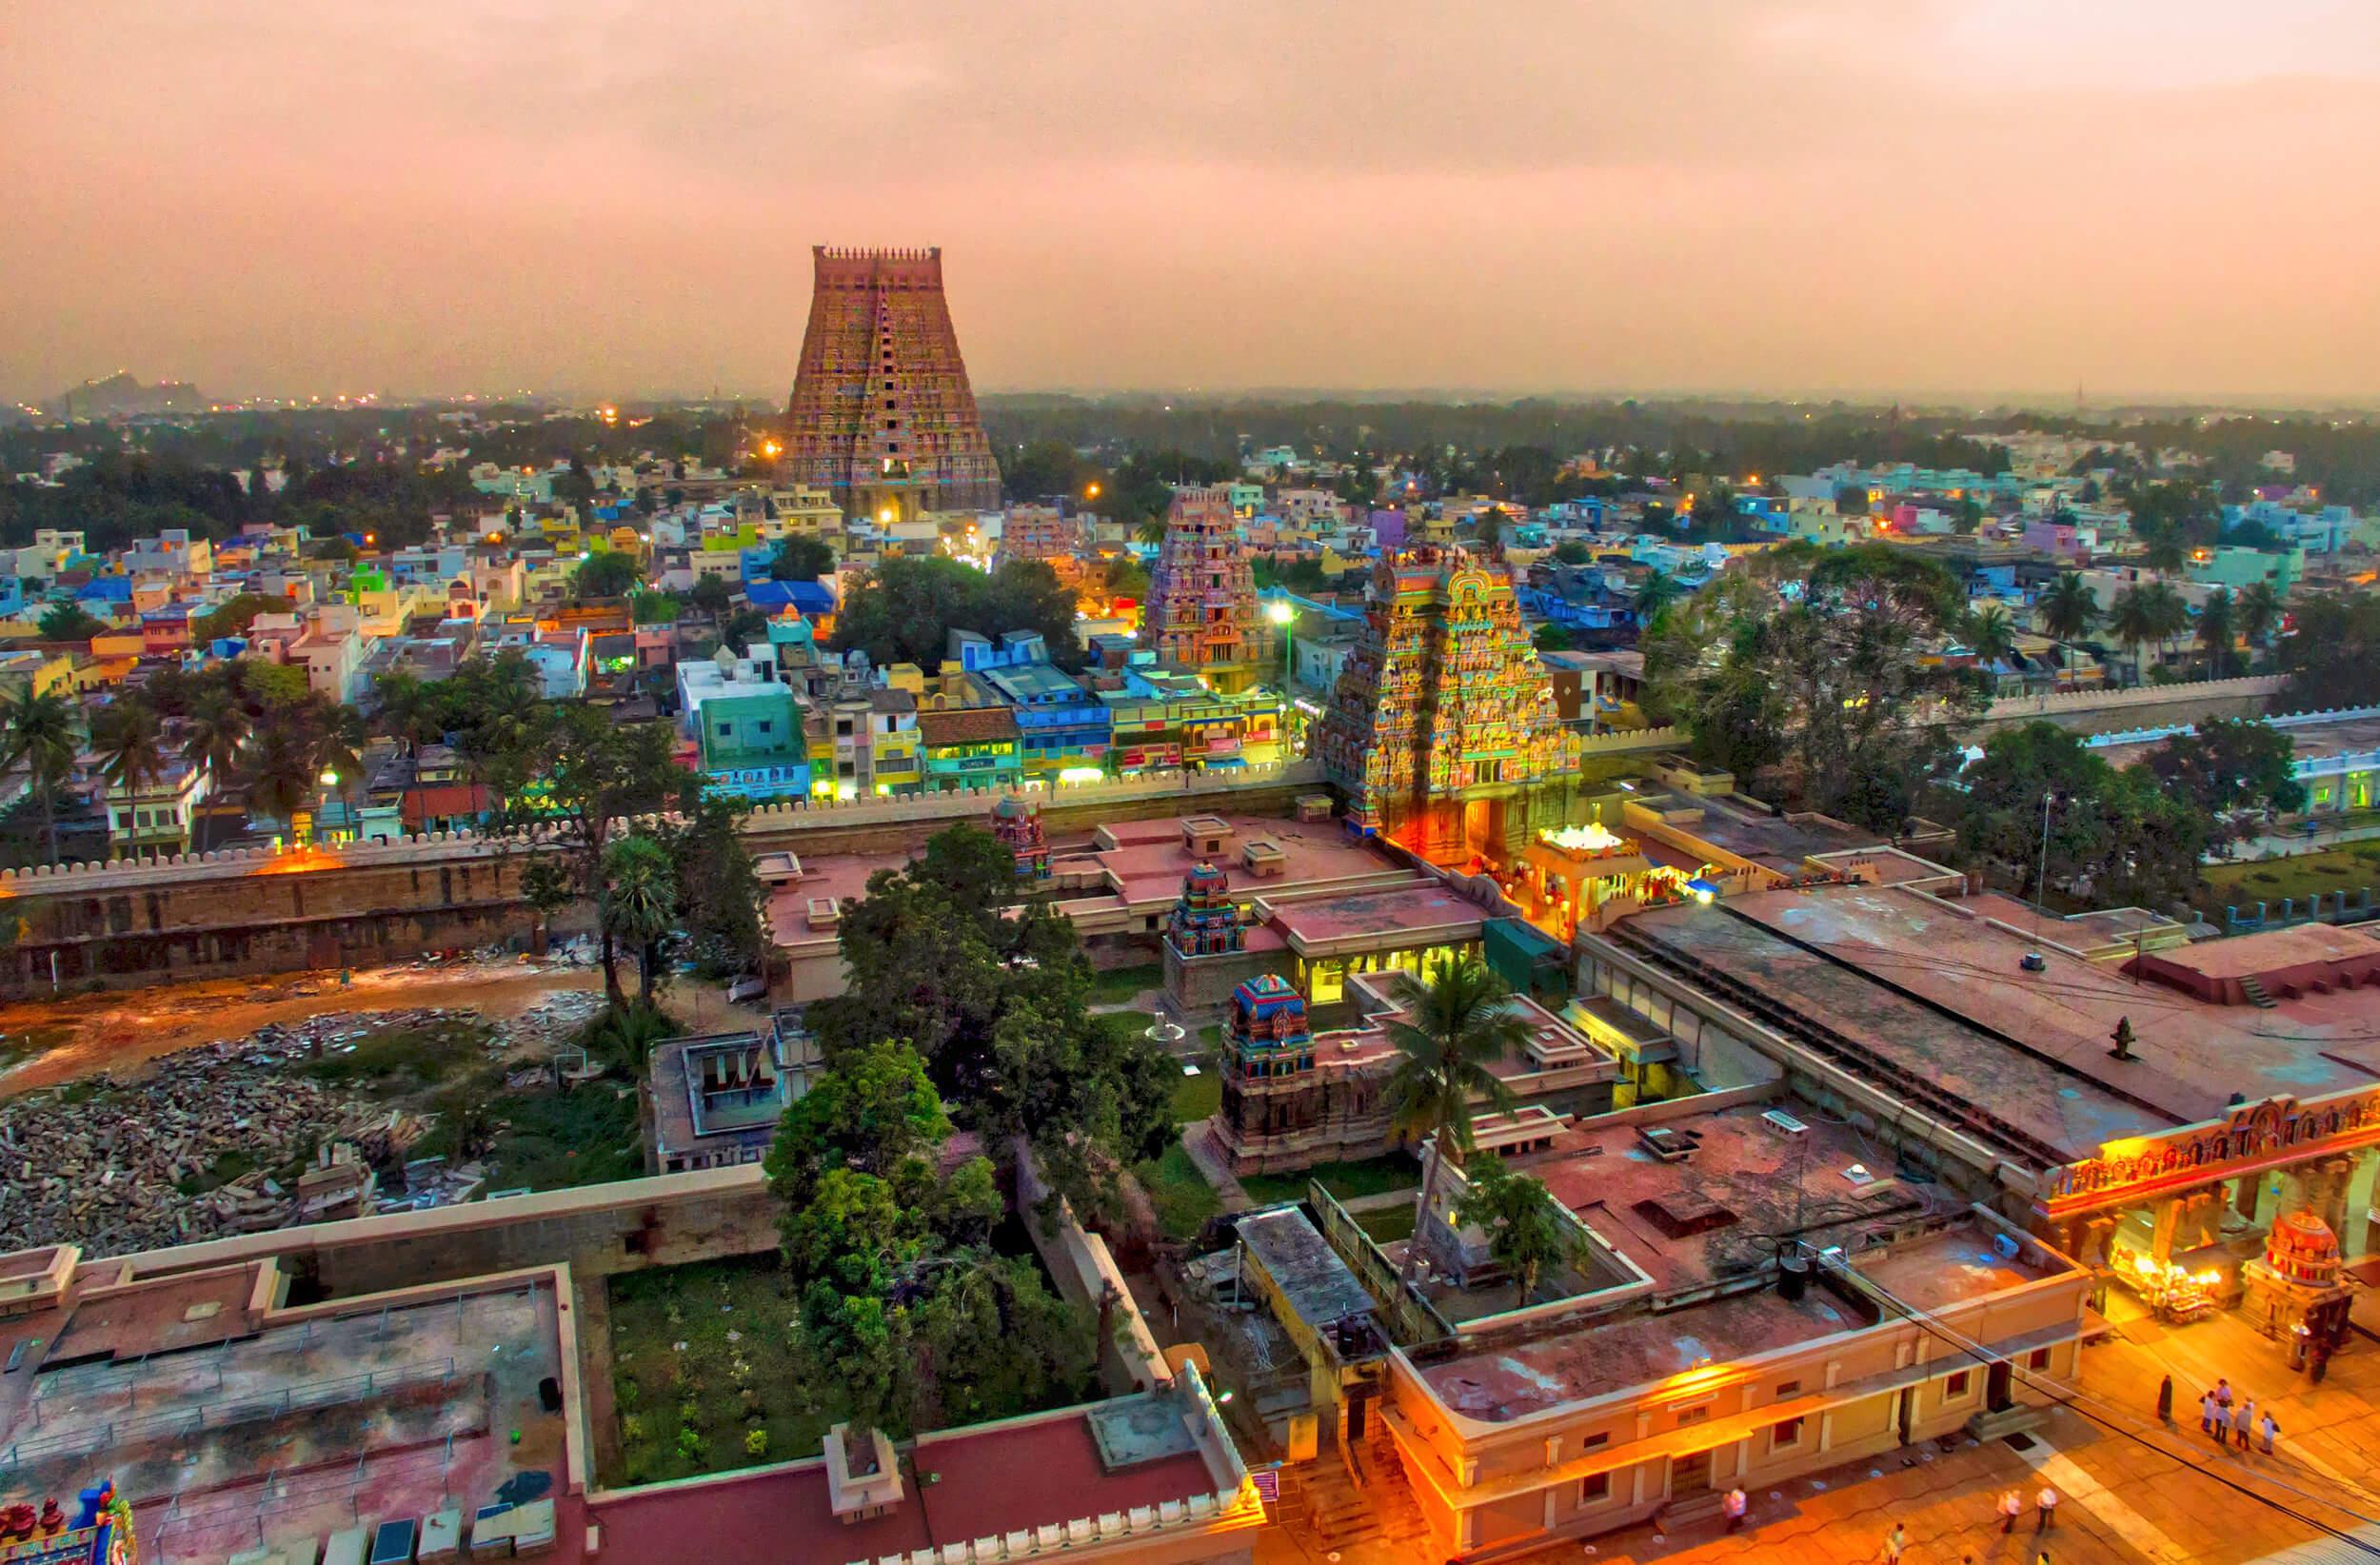 картинка фотография курорта Ченнаи (Мадрас) в Индии